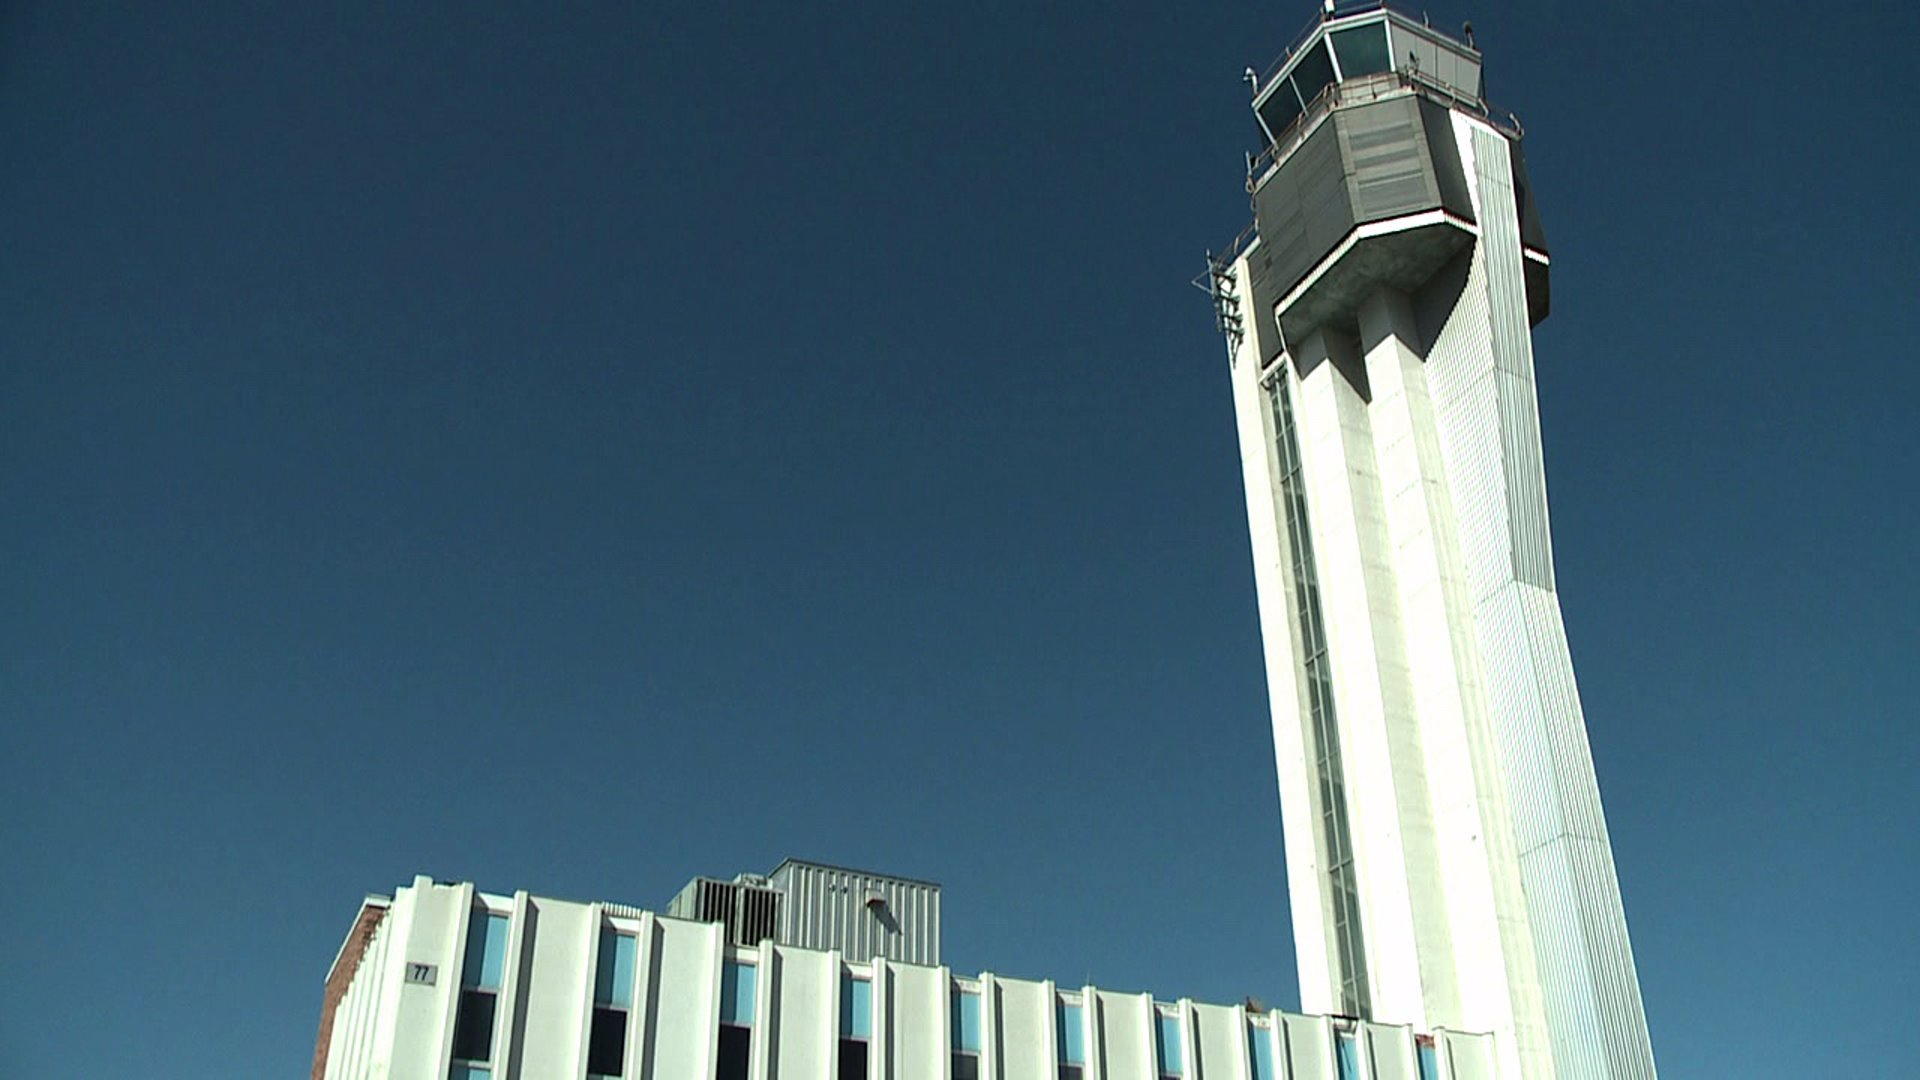 Stapleton Airport tower